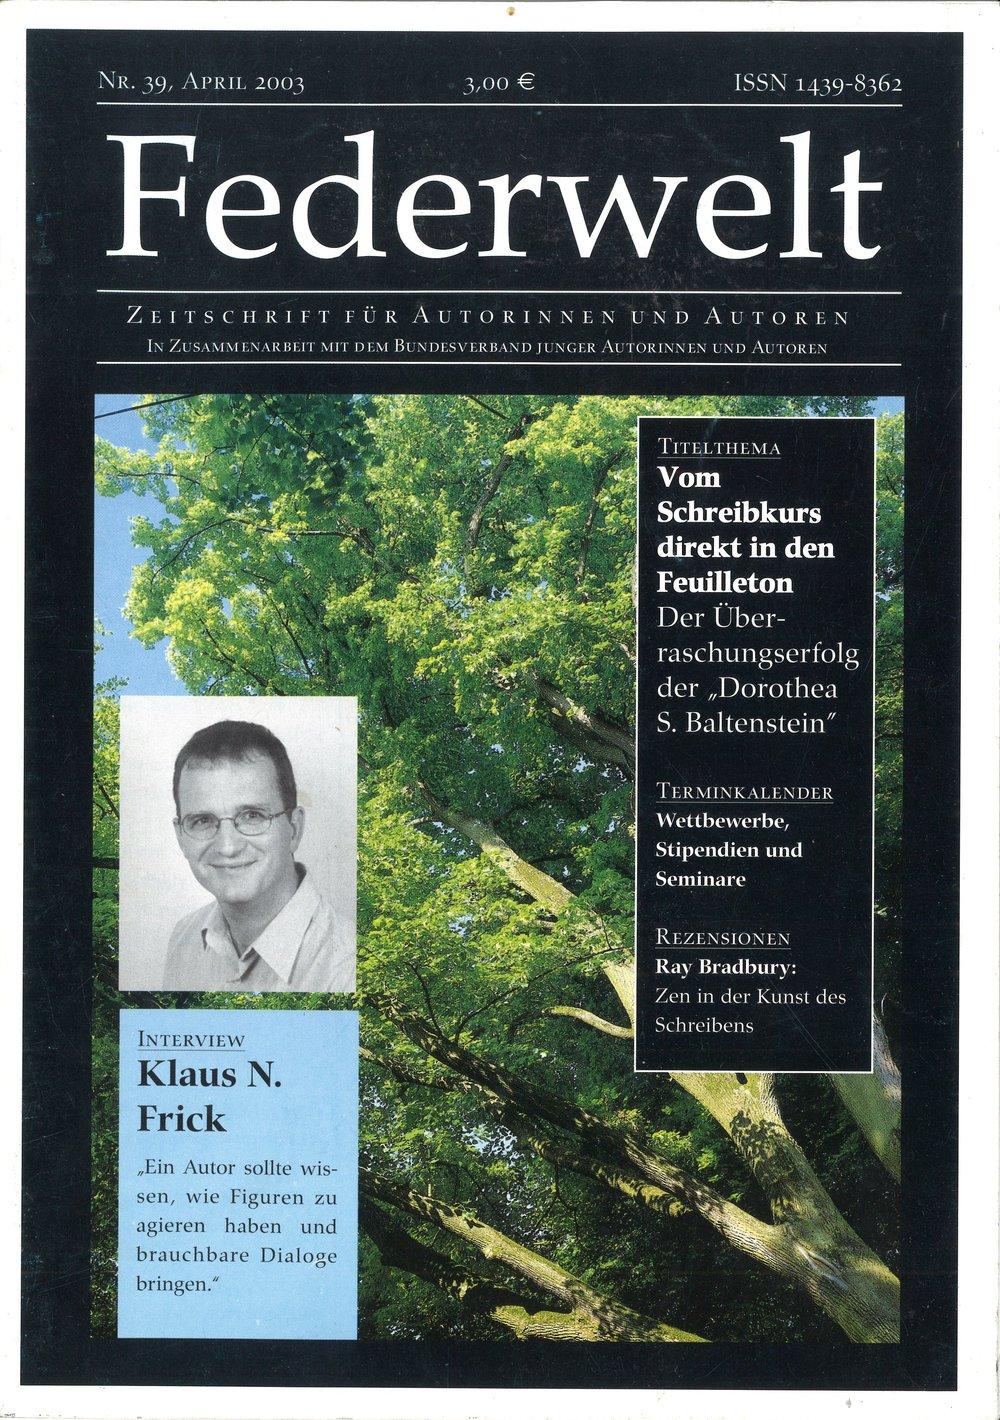 FEDERWELT_39_COVER_mini.jpg